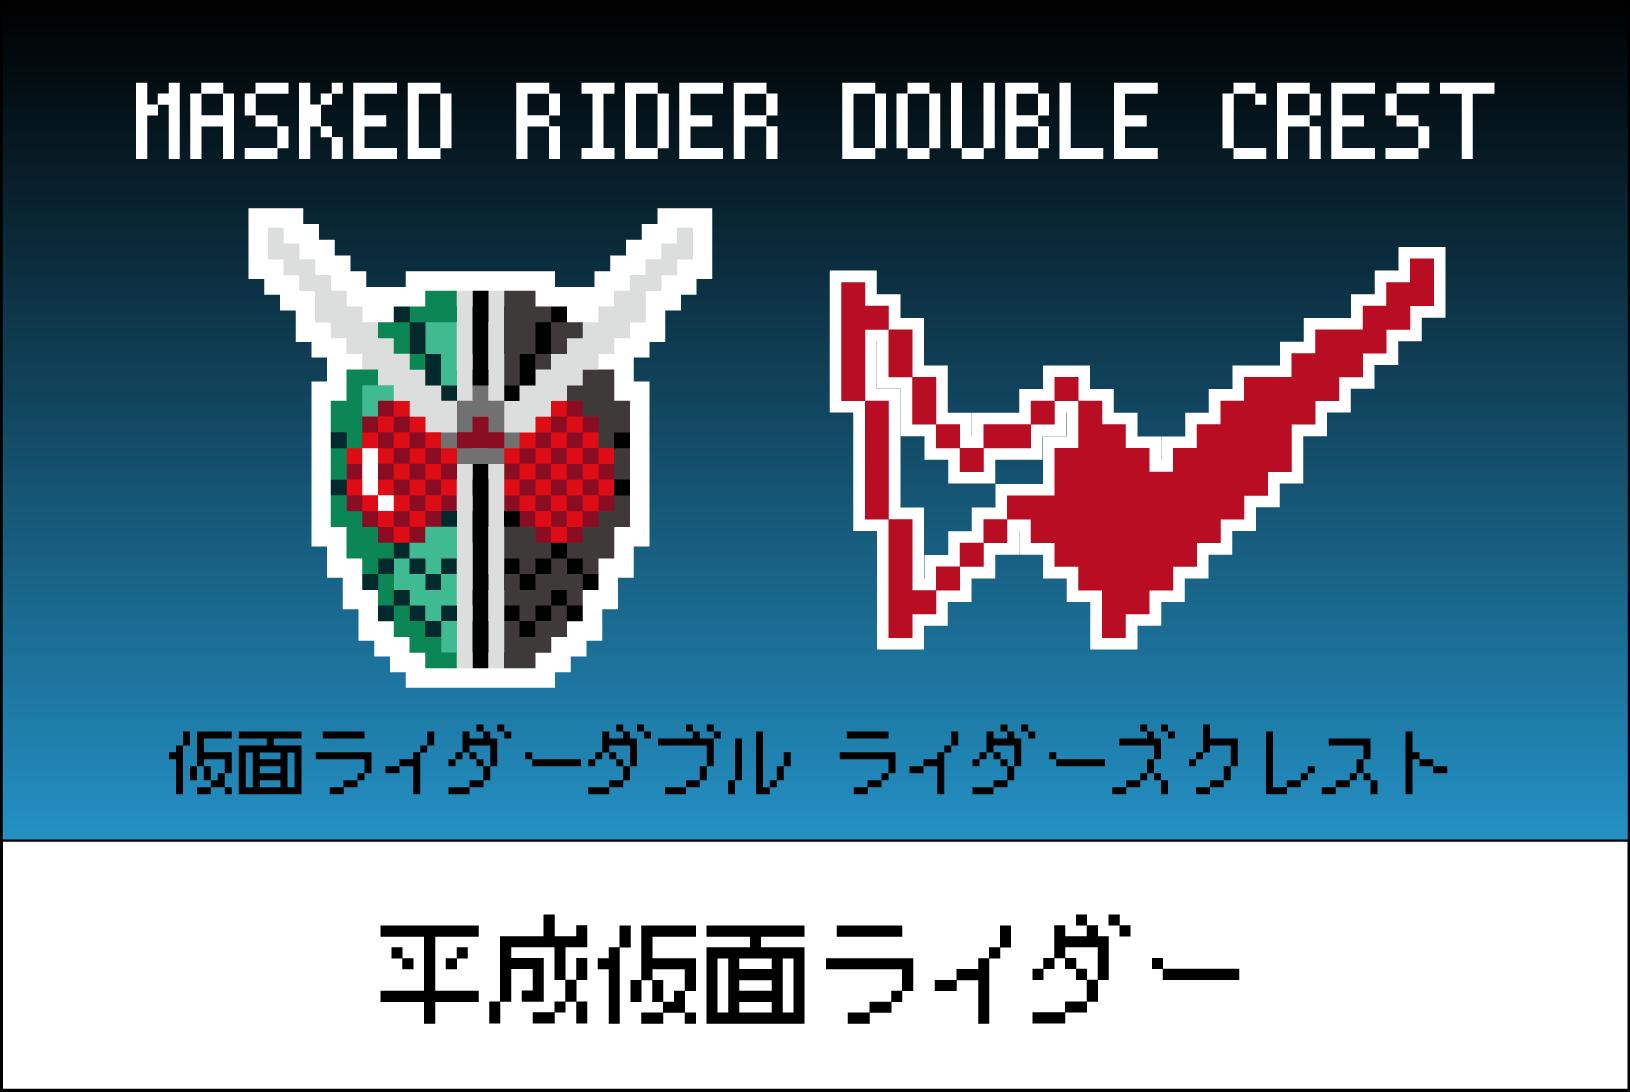 【平成仮面ライダーシリーズ】仮面ライダーW(ダブル) ライダーズクレストの図案【紋章・マーク】